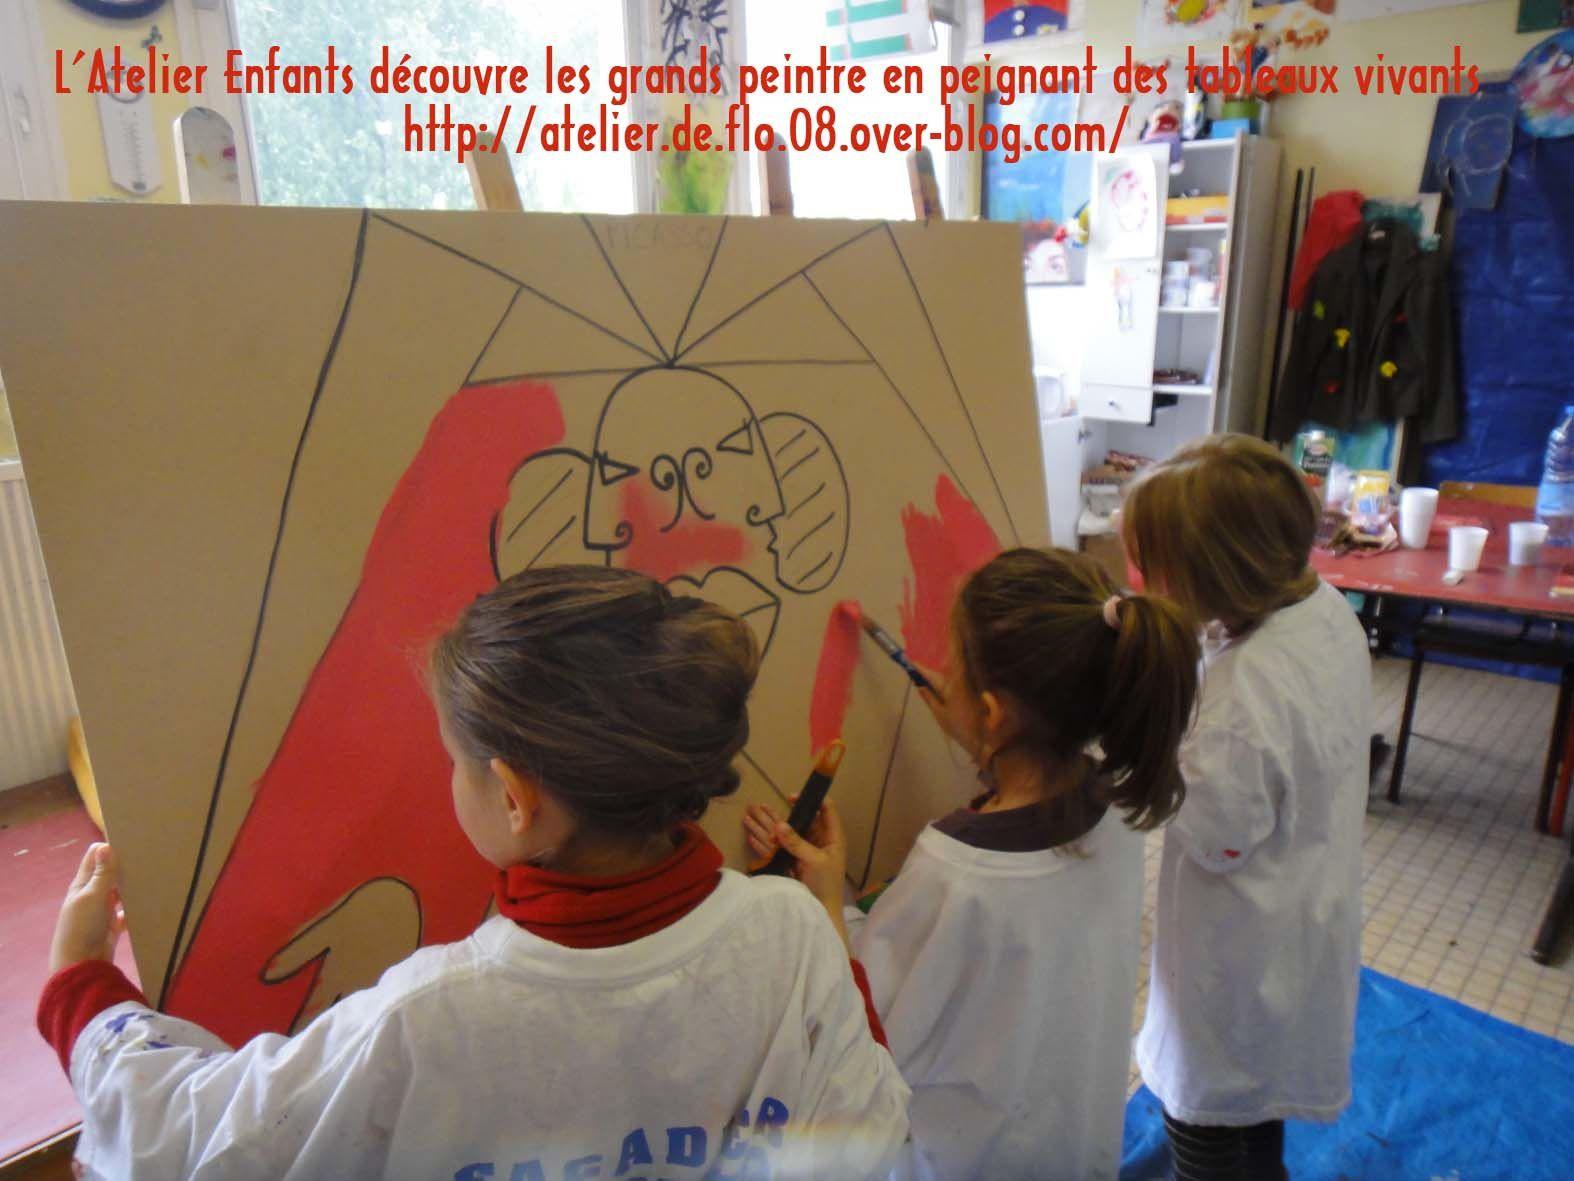 Les 2 ateliers avec les enfants à l'oeuvre